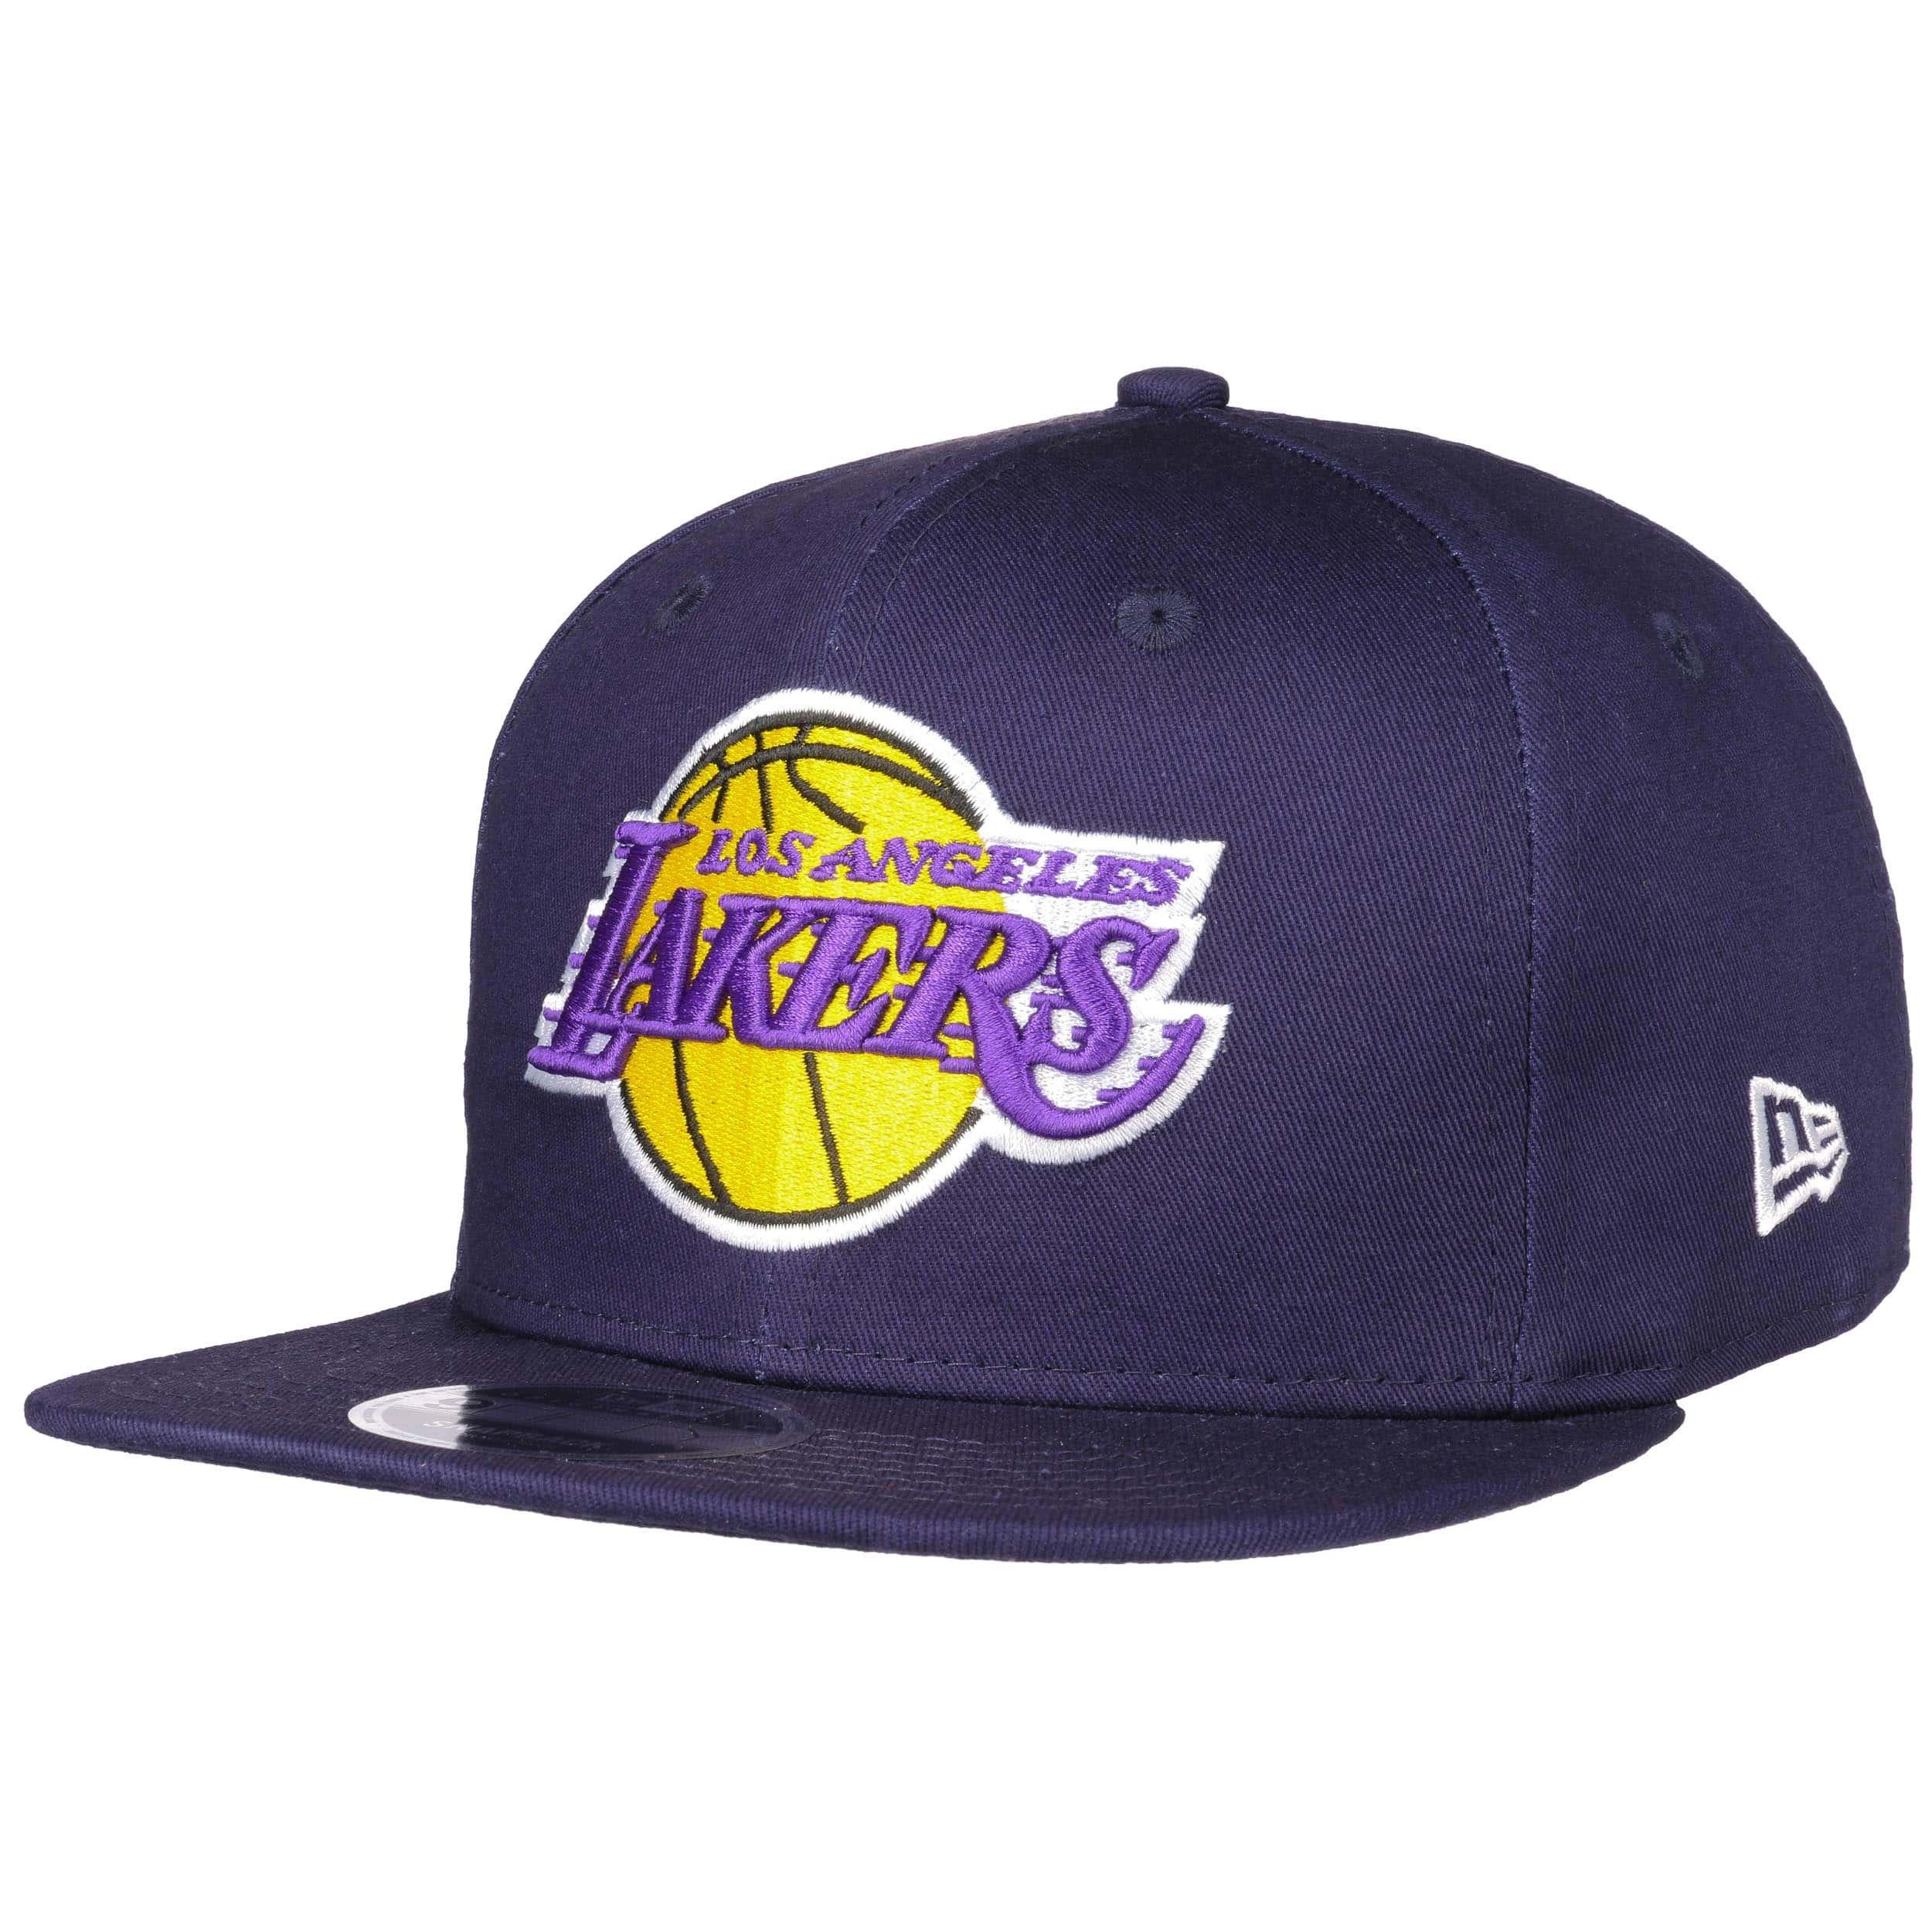 brand new e9ee4 51065 ... 9Fifty Coastal Heat Lakers Cap by New Era - lila 7